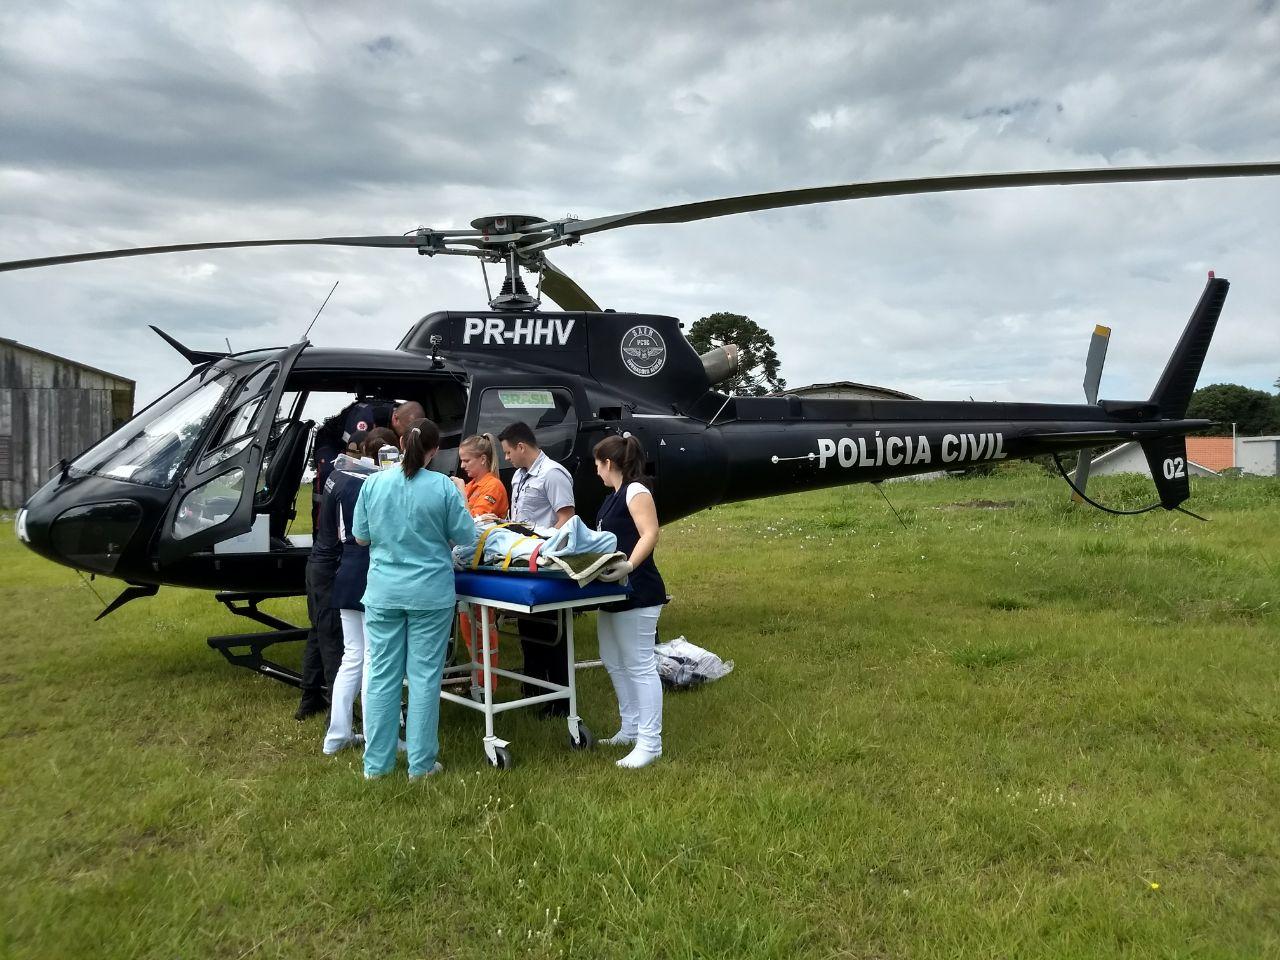 Menino socorrido de helicóptero morre no hospital